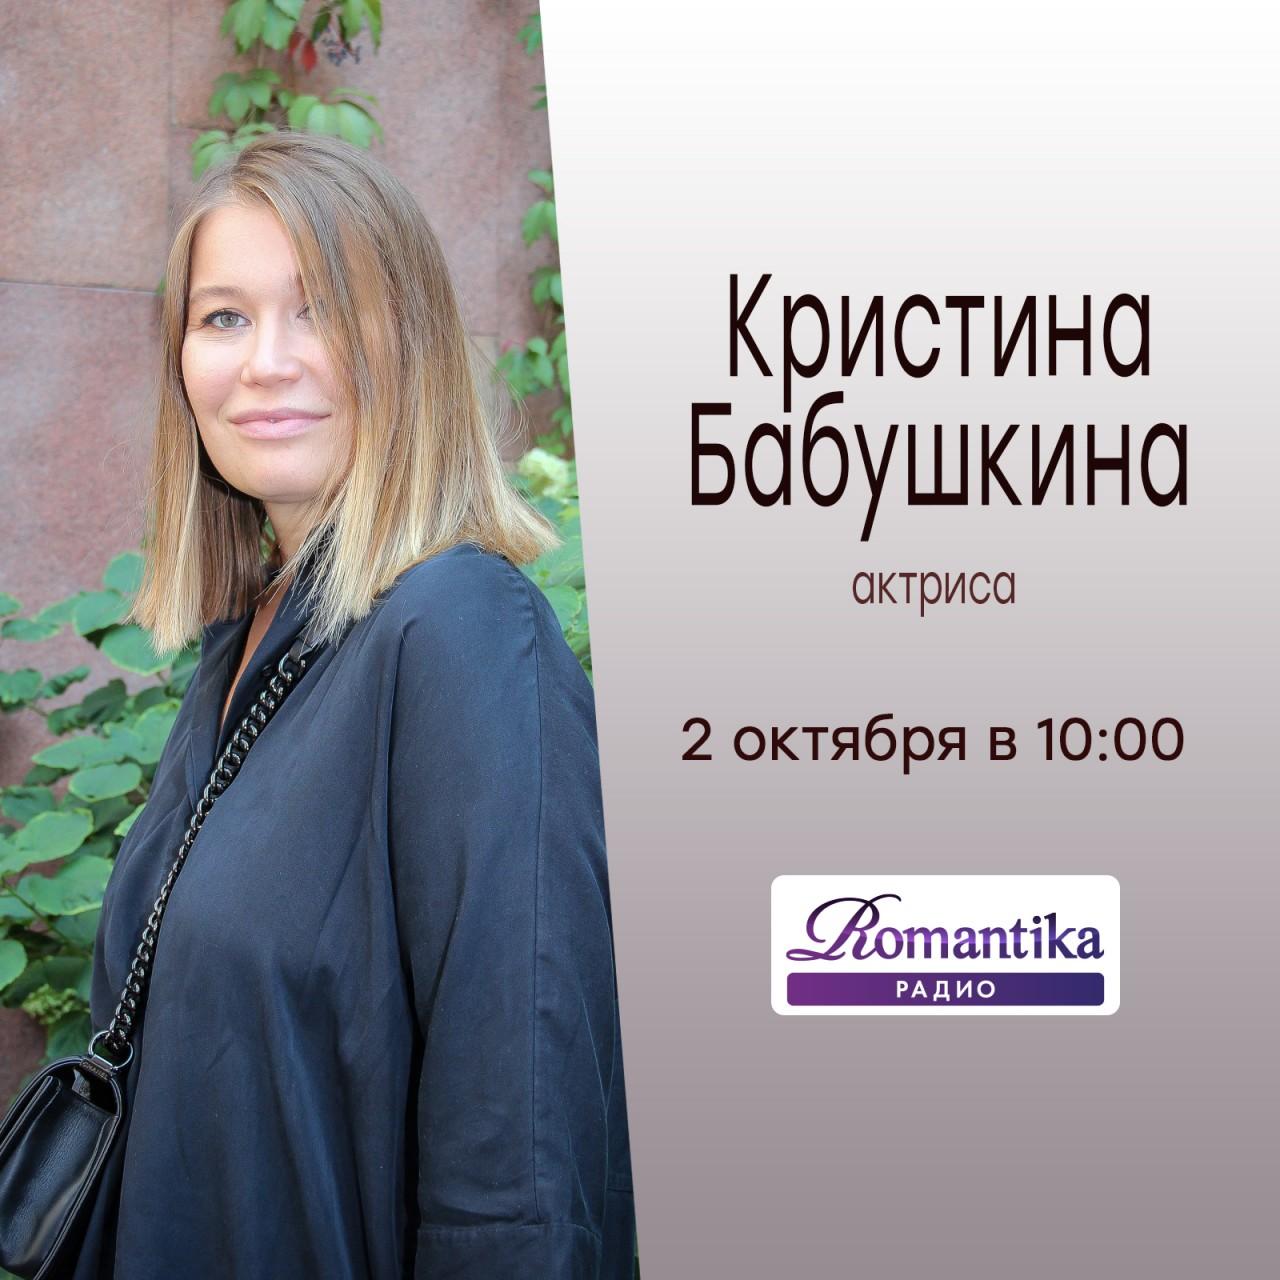 Утро на Романтике: 2 октября - в гостях актриса Кристина Бабушкина